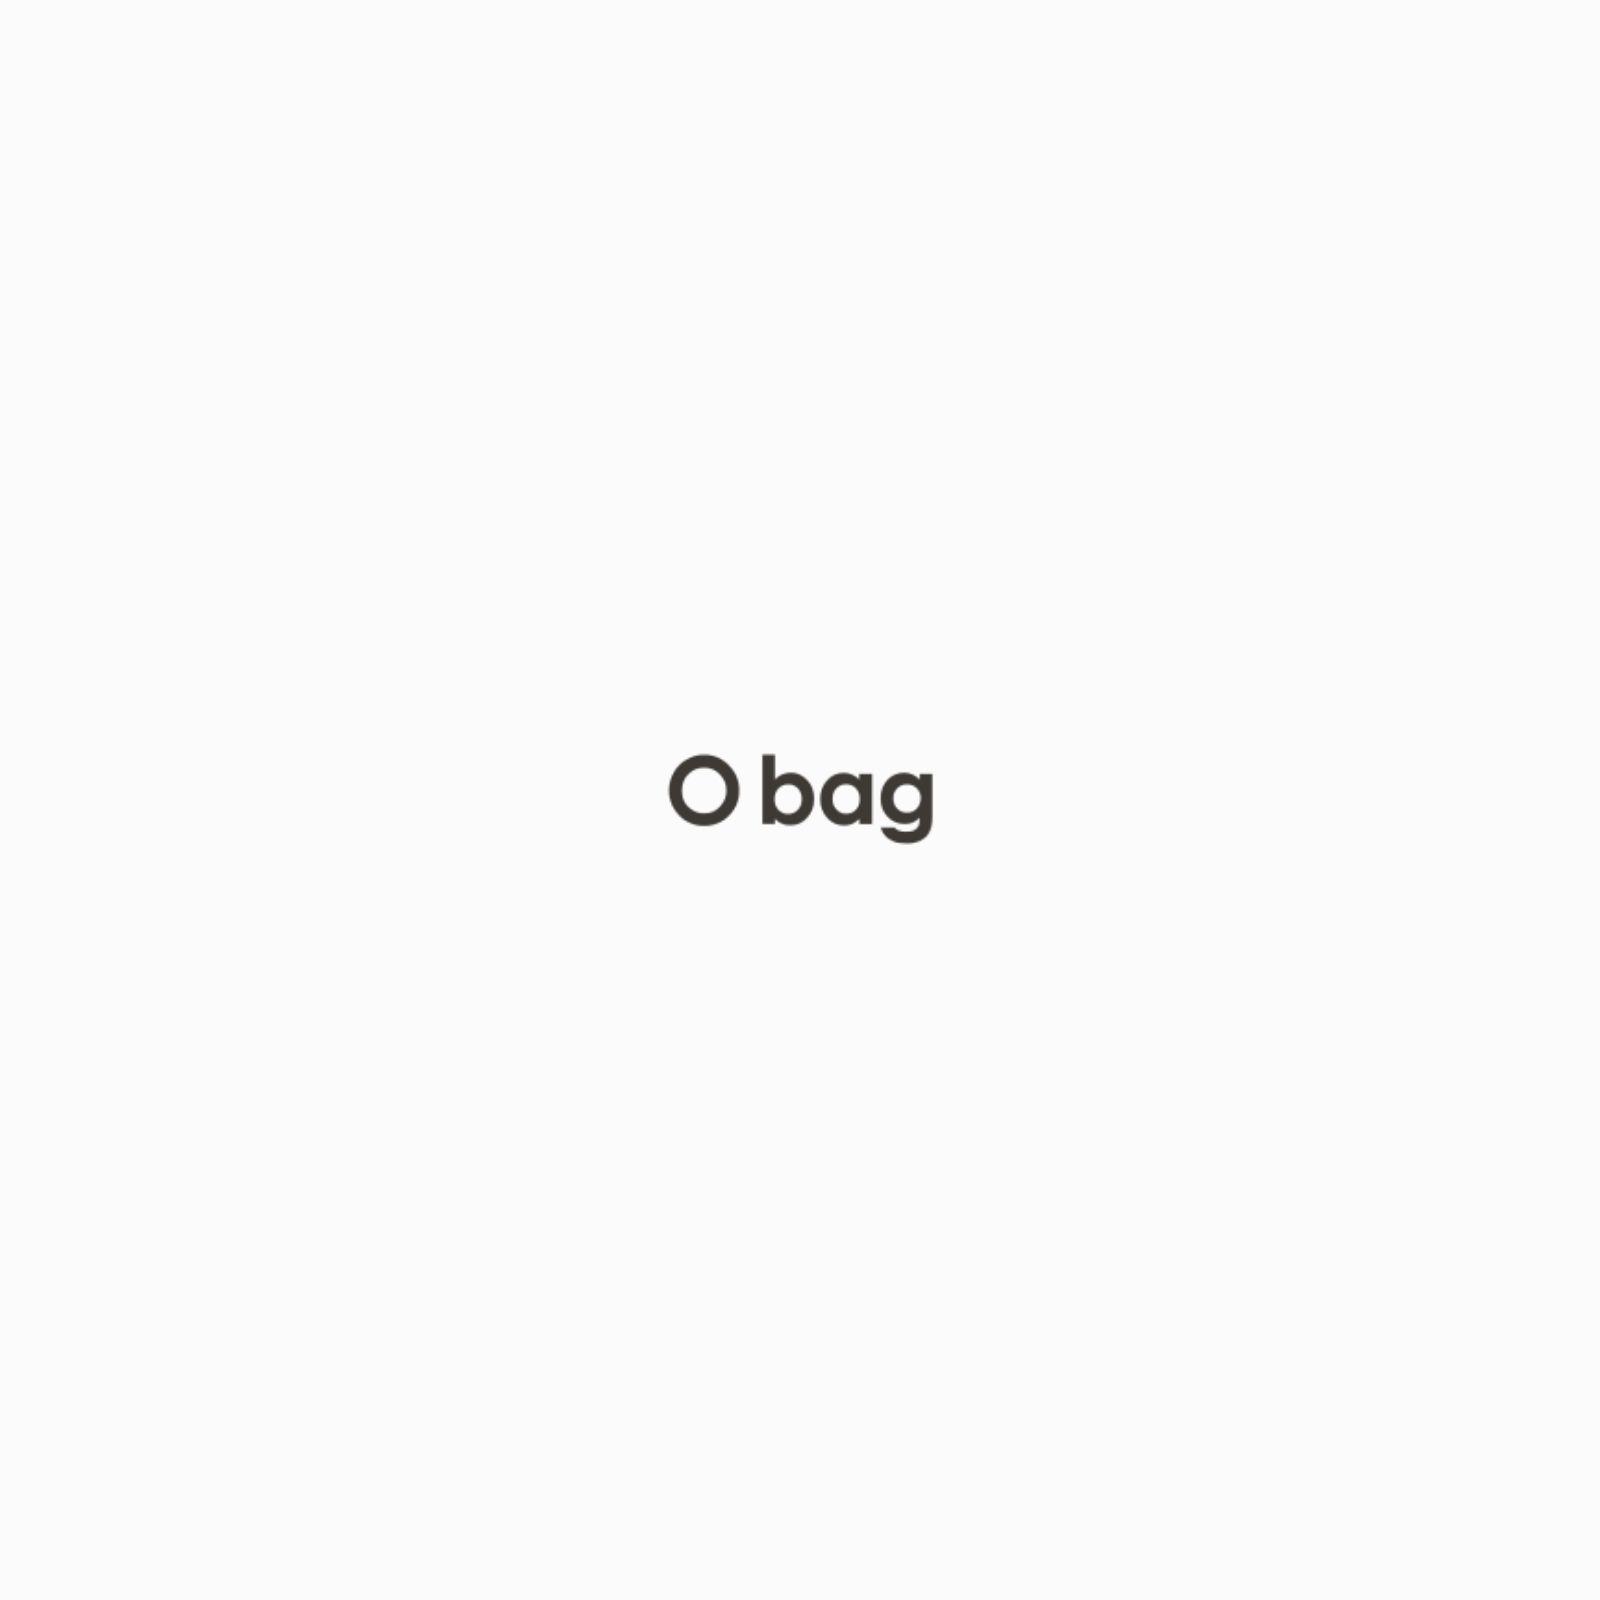 .gift card O bag - Open